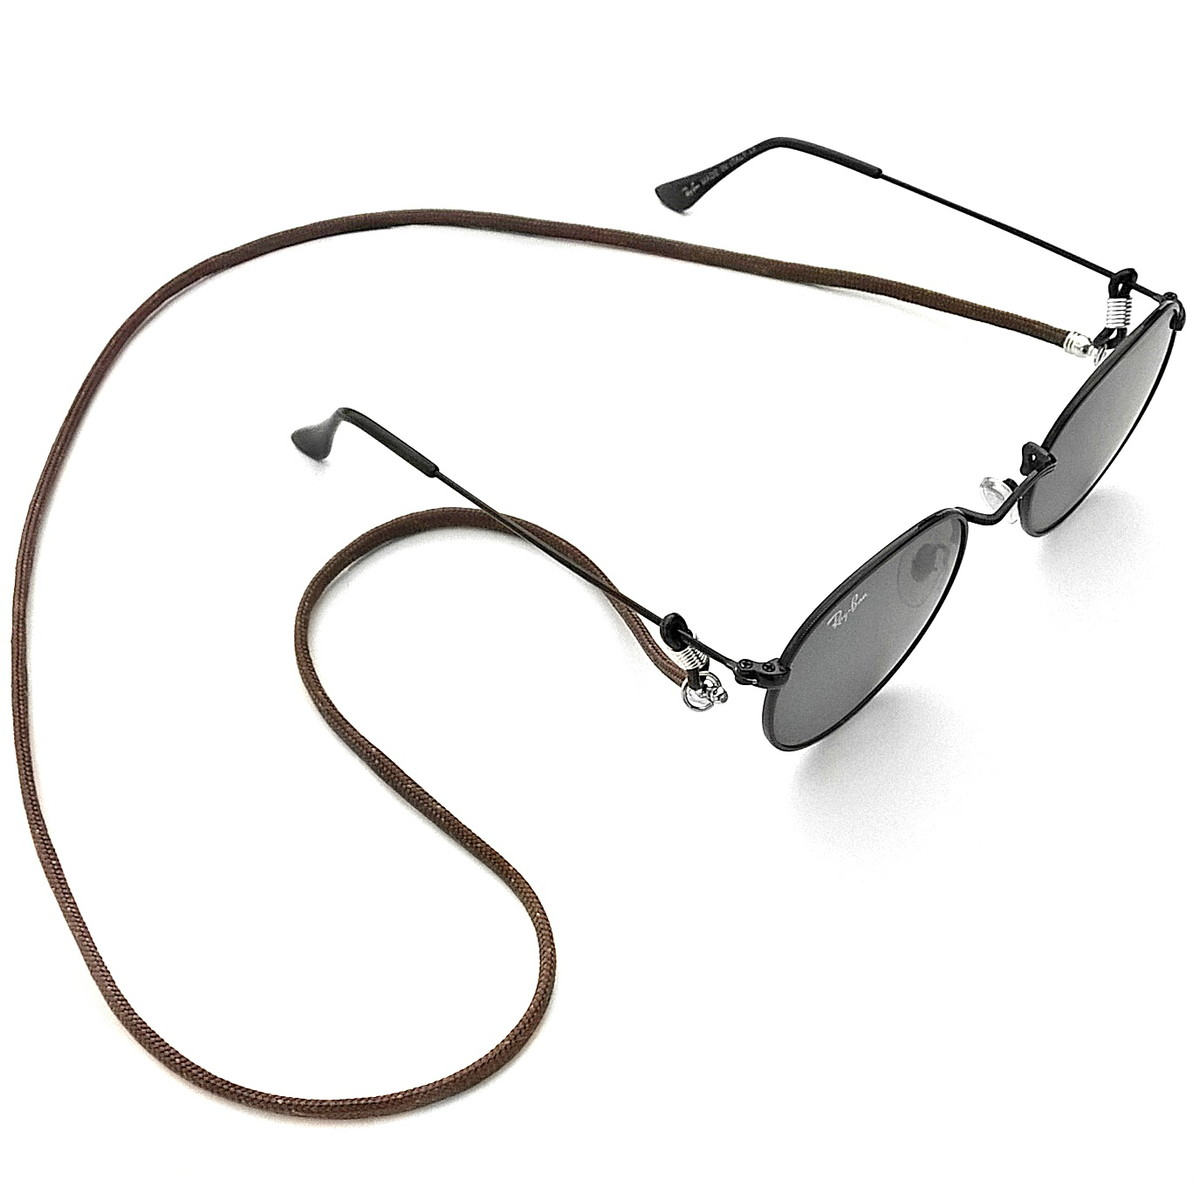 541811fec Cordao Segura Oculos Fio De Oculos no Elo7 | HAZE BRASIL - Pulseiras ...